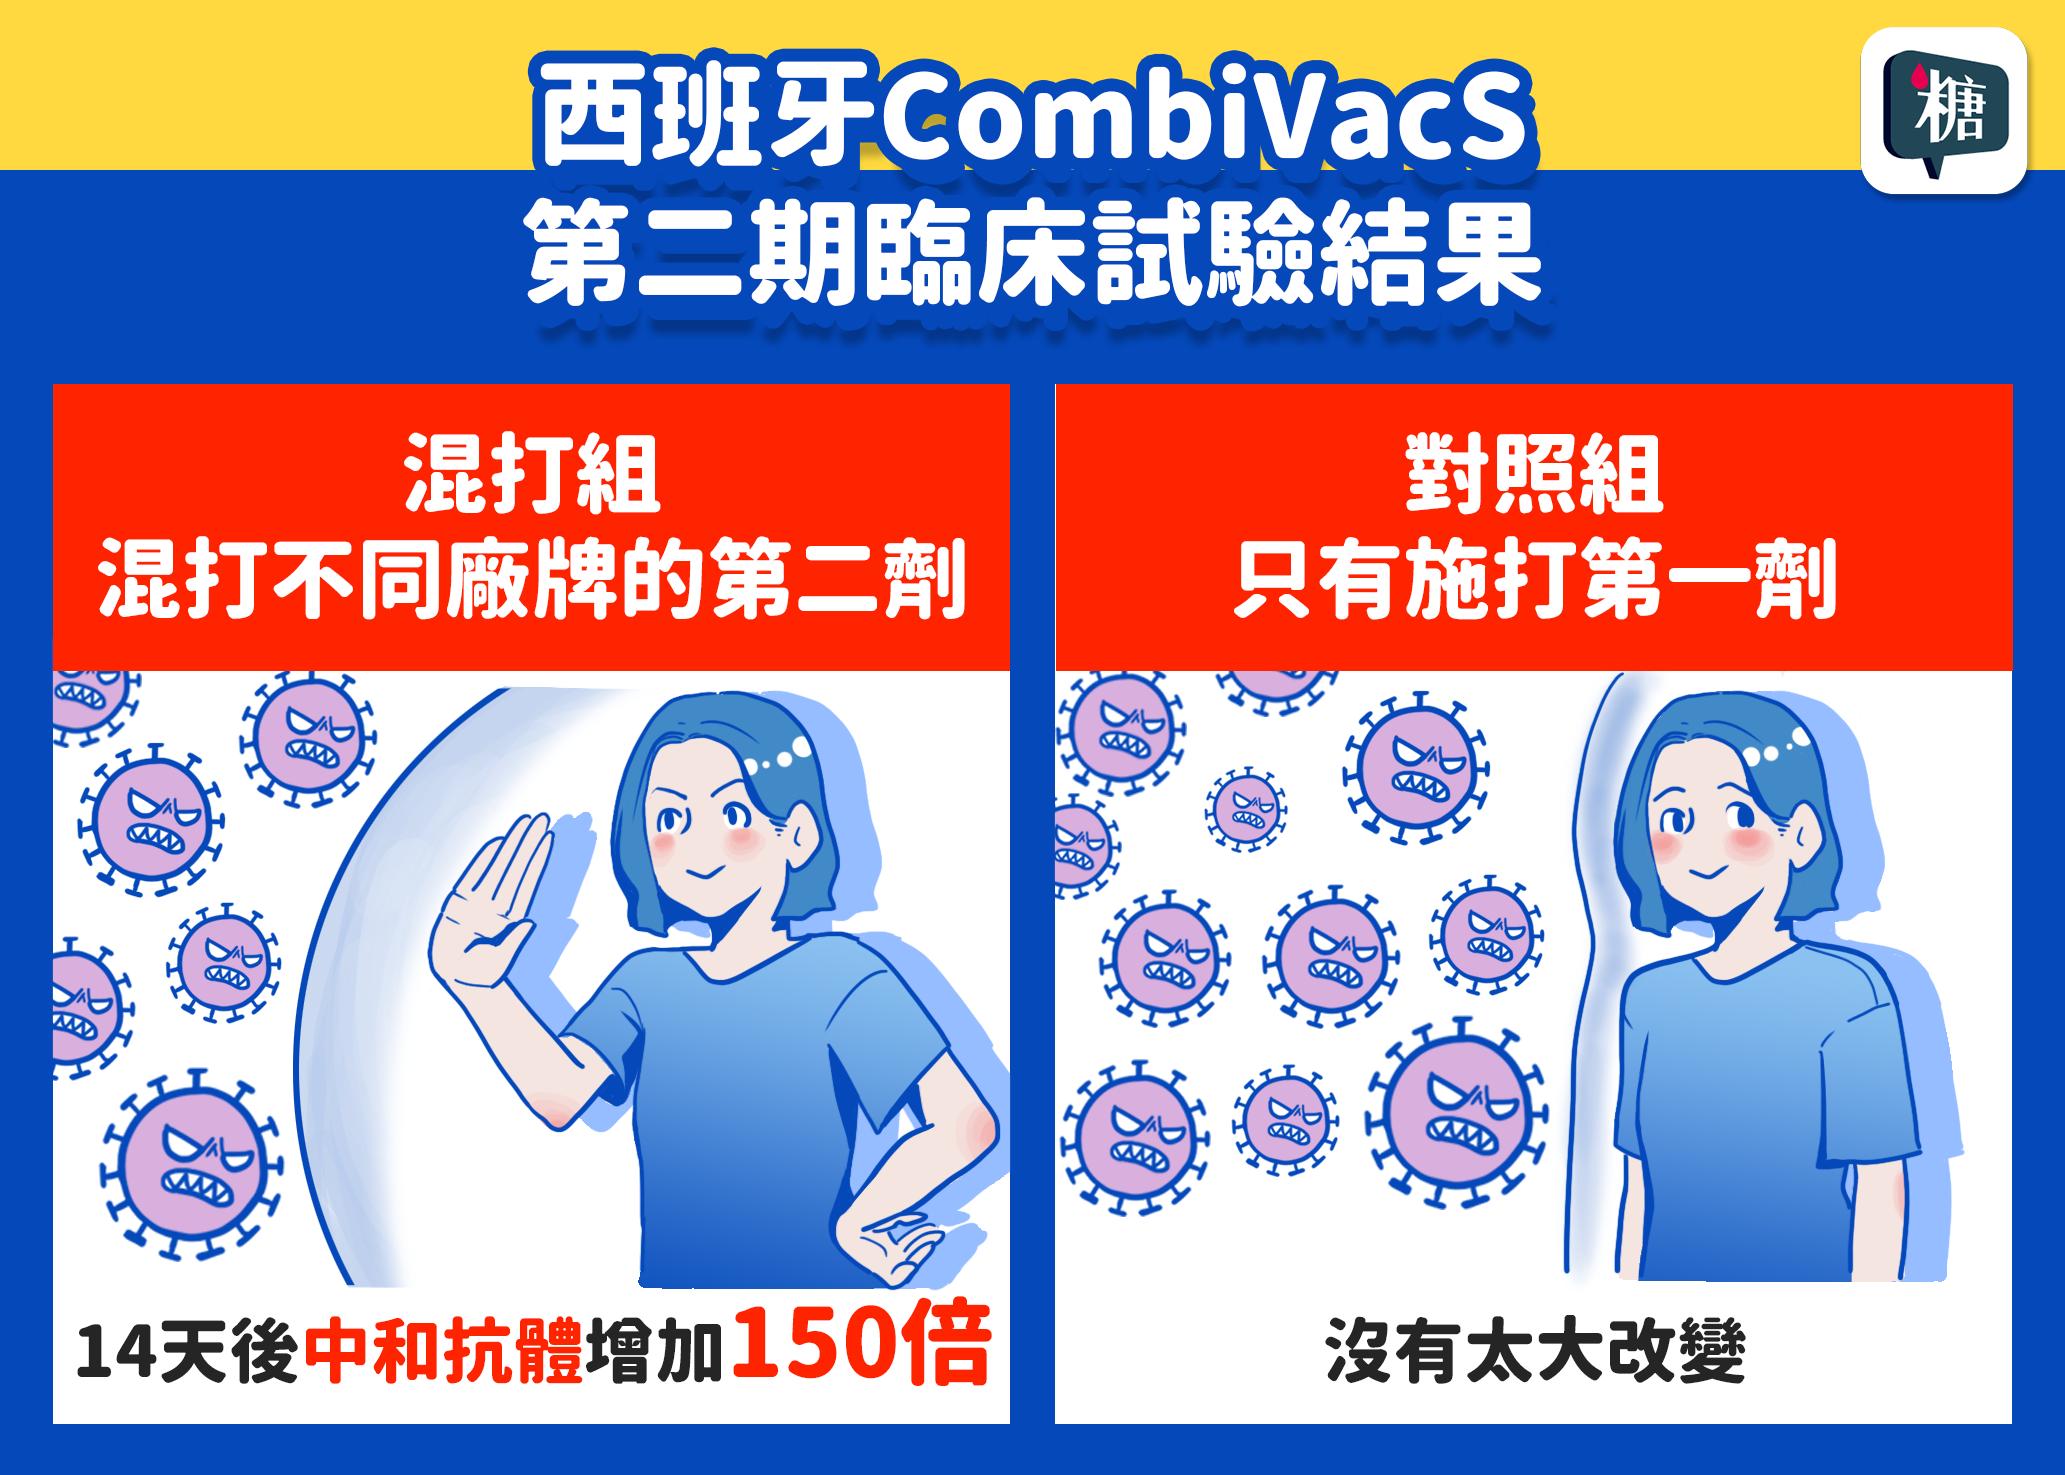 國外研究發現新冠肺炎疫苗混打,副作用比例更高?!第二劑疫苗可以混打嗎?